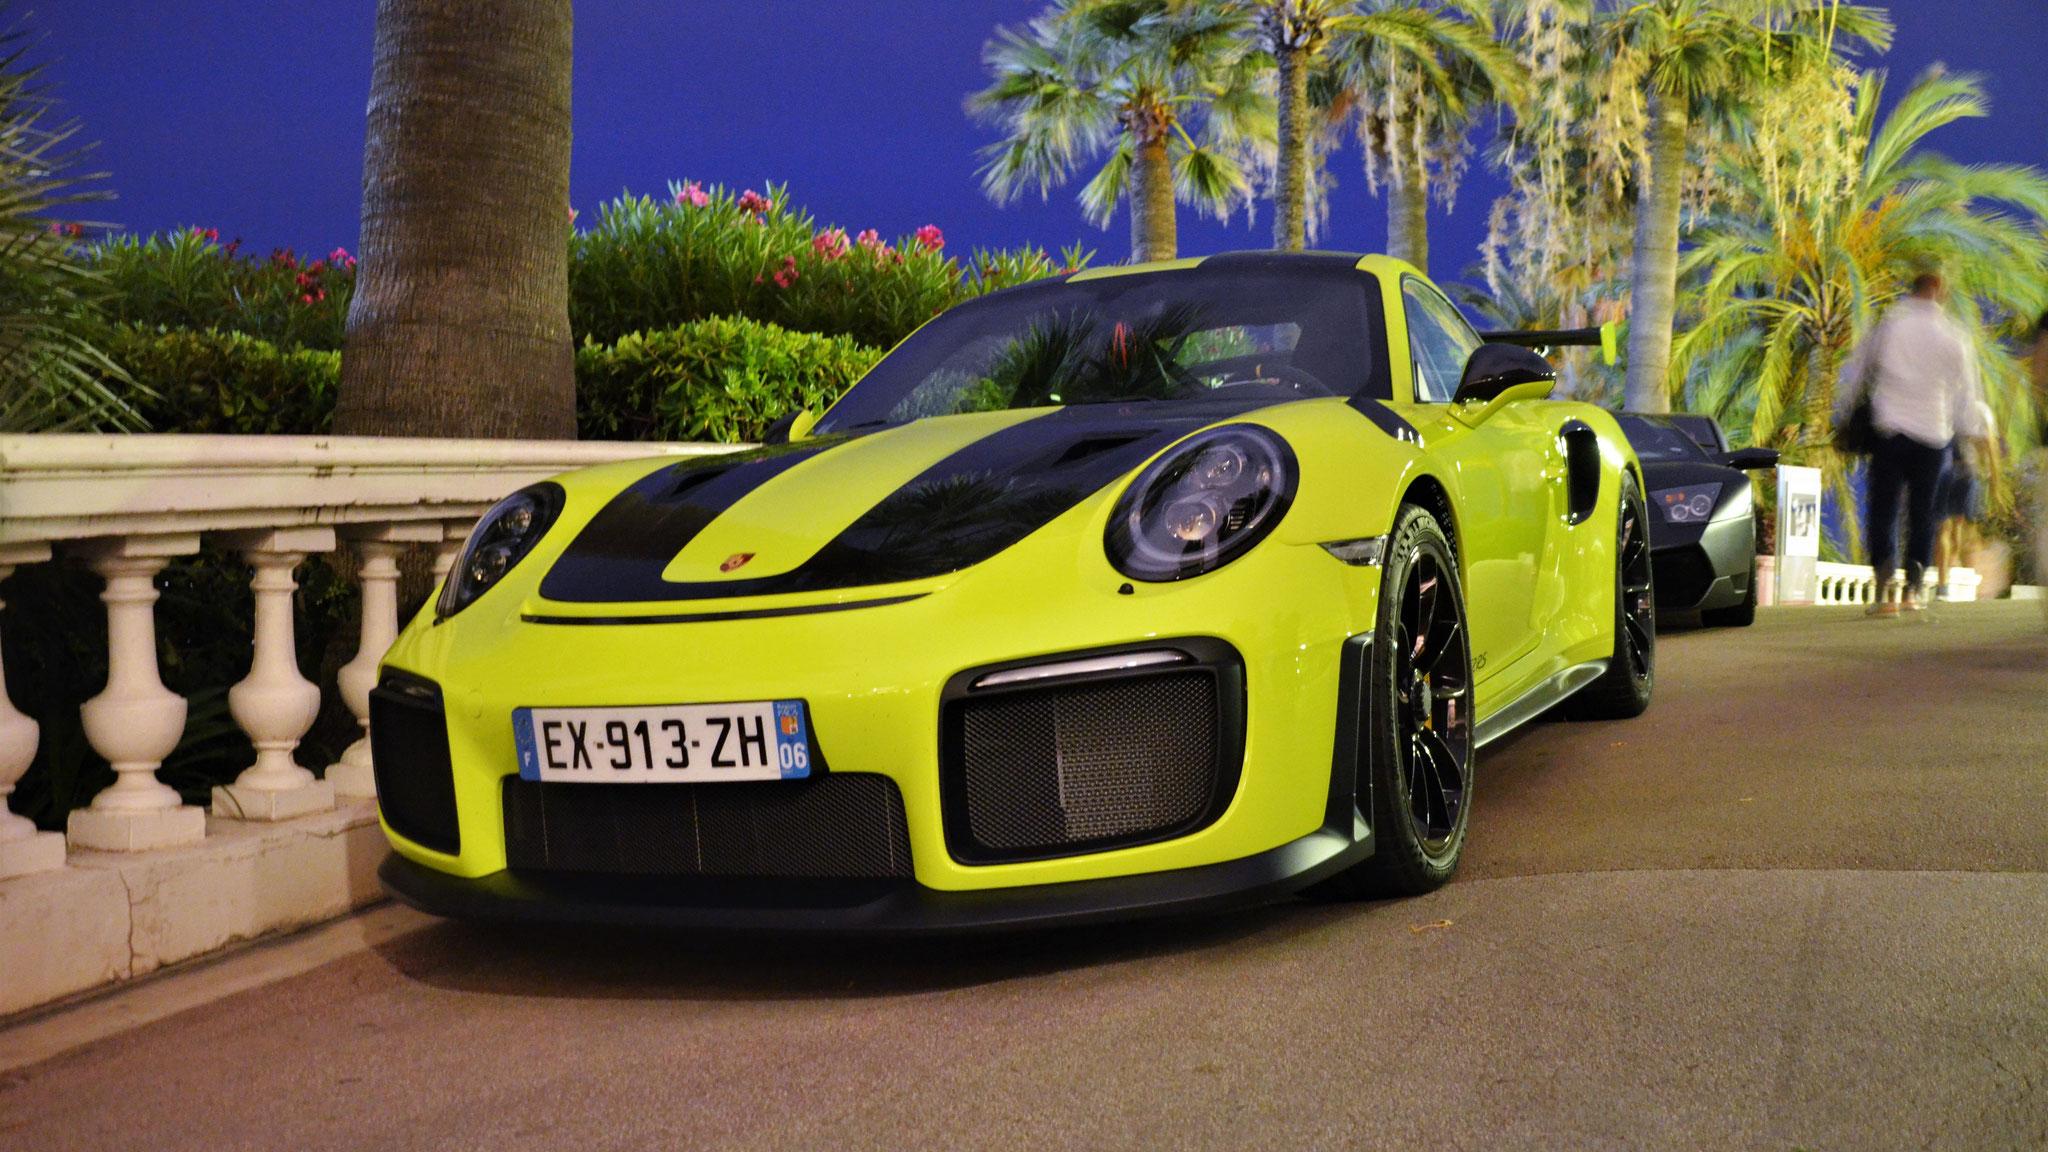 Porsche 911 GT2 RS - EX-913-ZH-06 (FRA)